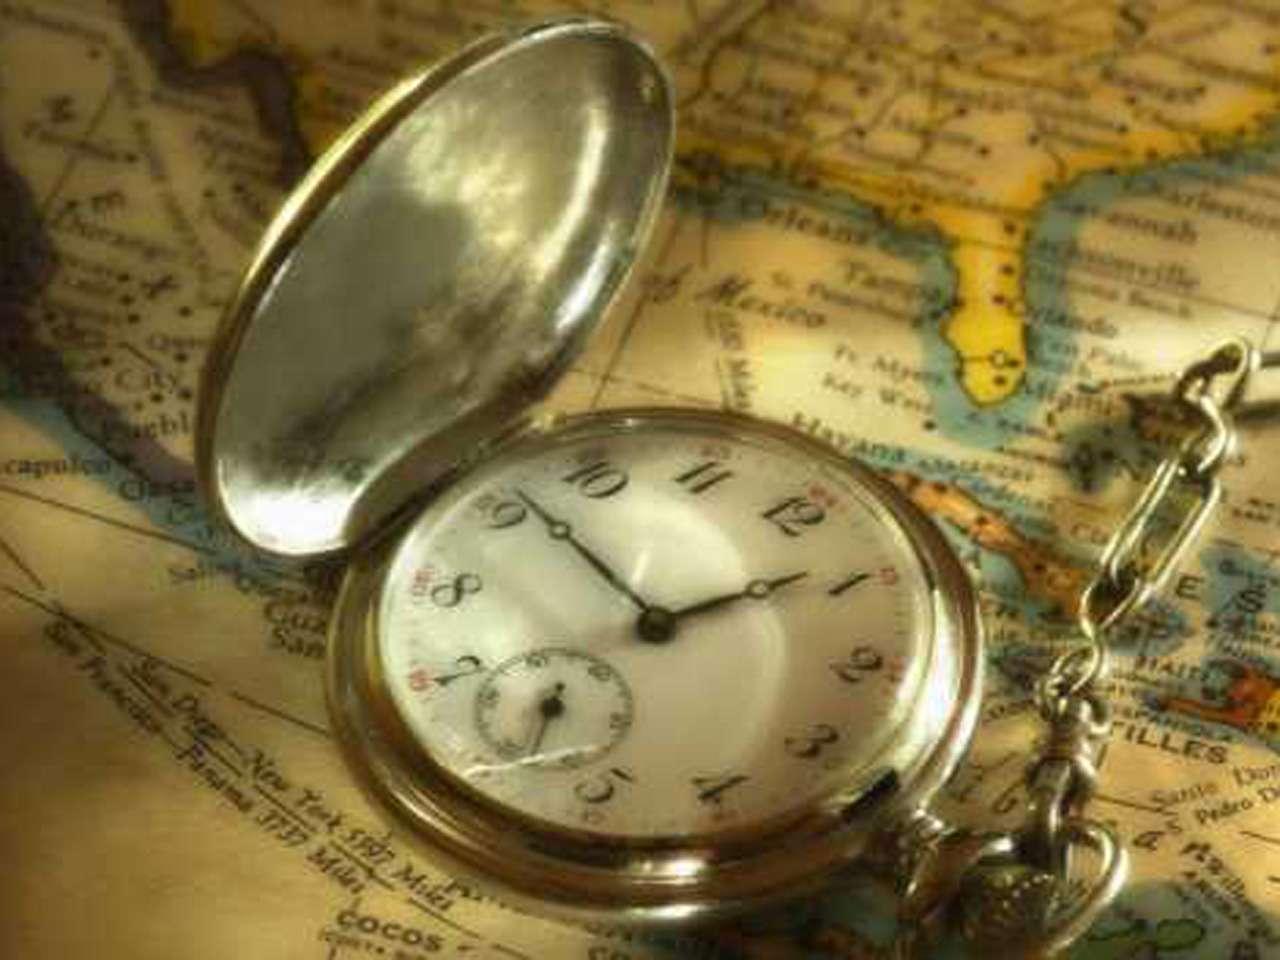 Alrededor de 1670, medir el tiempo con precisión era una cuestión de seguridad nacional. Foto: Thinkstock/BBCMundo.com